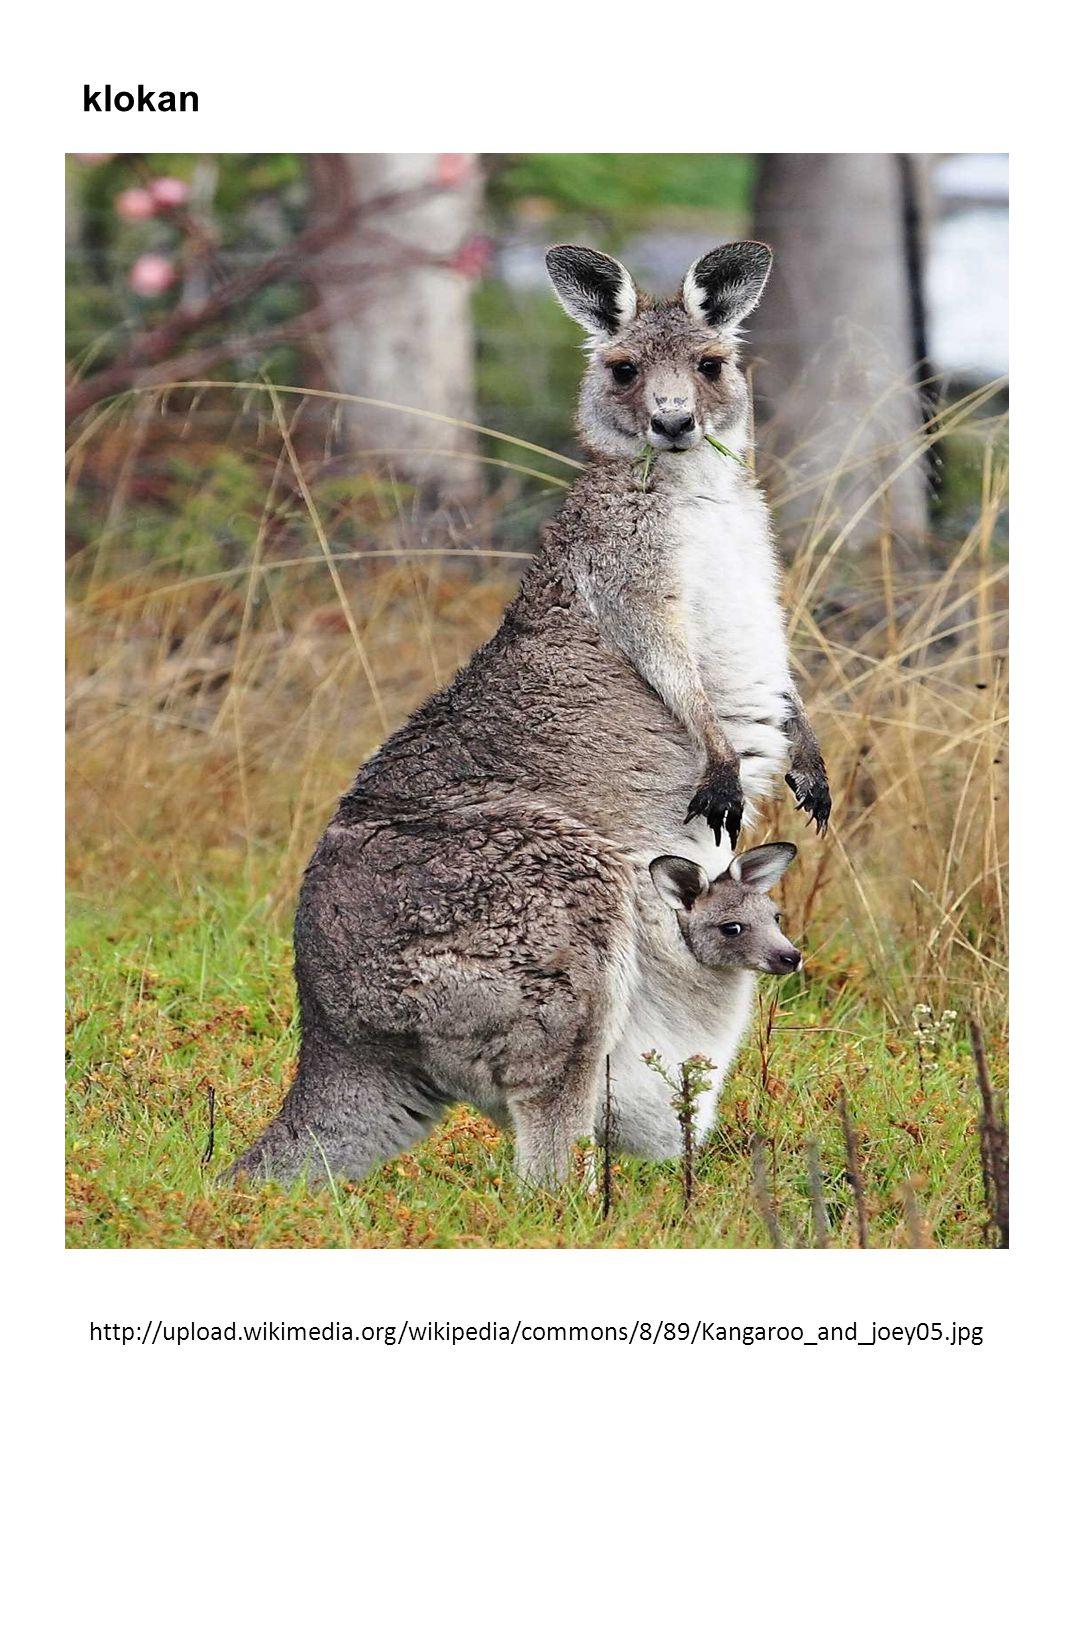 klokan http://upload.wikimedia.org/wikipedia/commons/8/89/Kangaroo_and_joey05.jpg